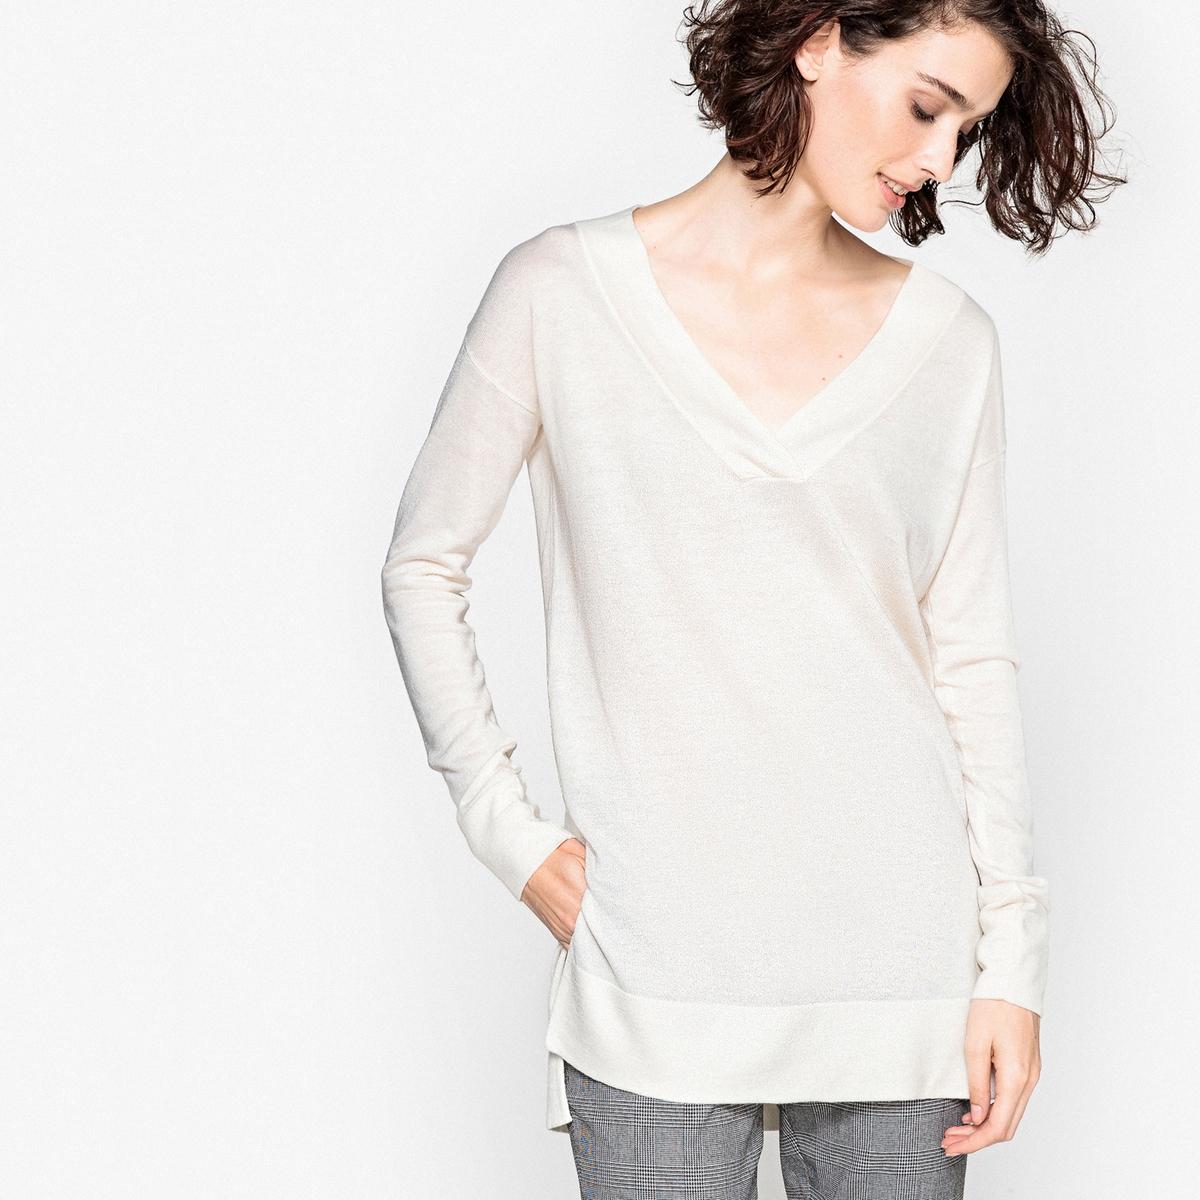 купить Пуловер с V-образным вырезом из тонкого трикотажа по цене 959.6 рублей